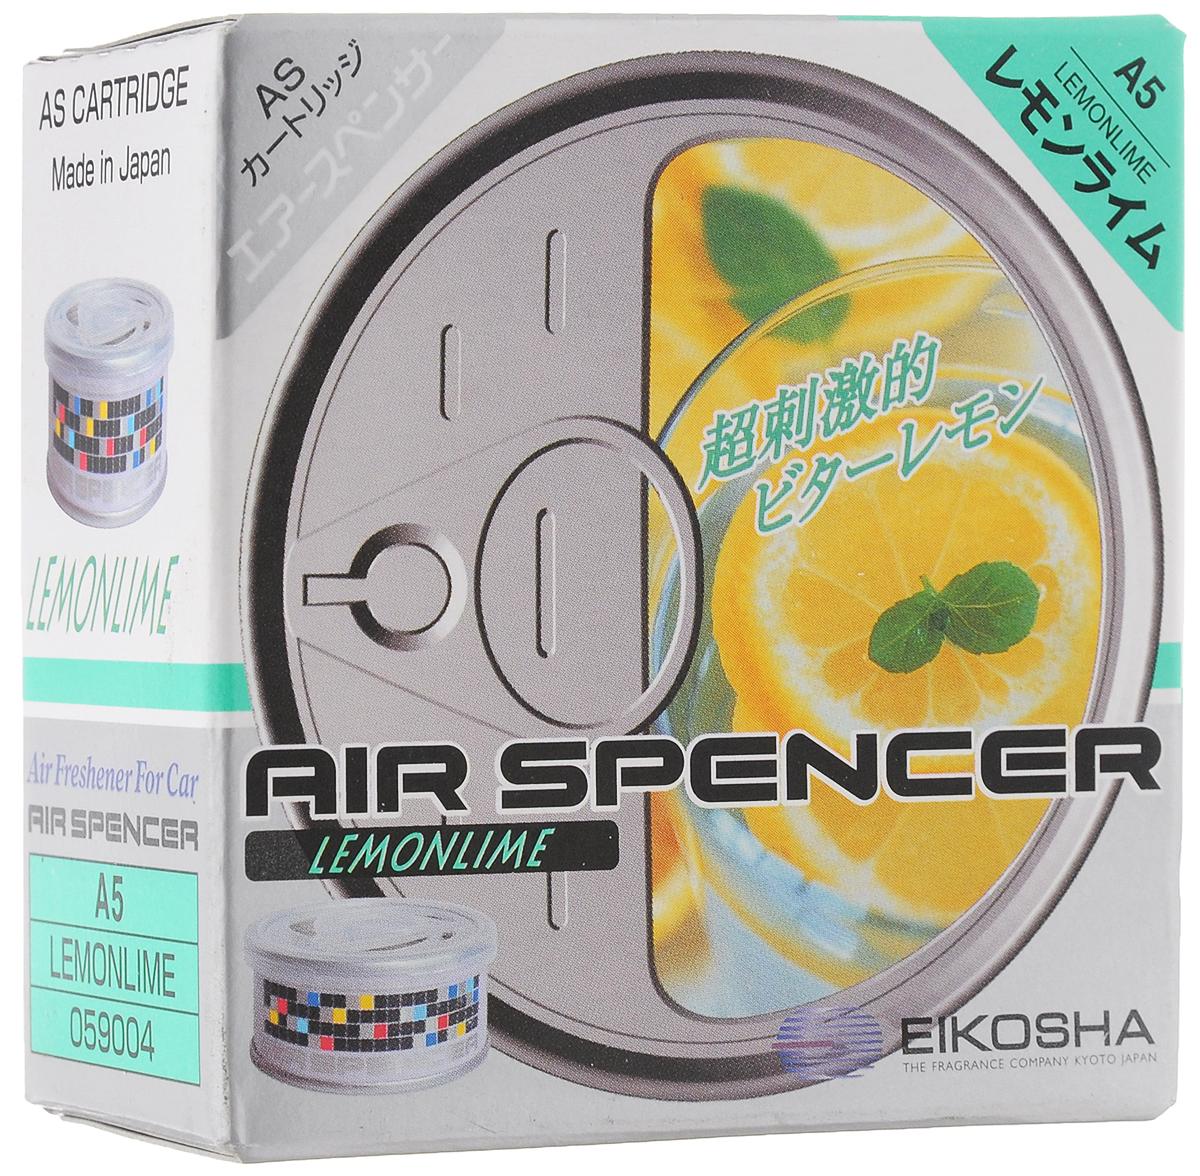 Ароматизатор автомобильный Eikosha Lemon LimeA-5Ароматизатор Eikosha Lemon Lime предназначен для размещения в автомобиле. Изделие крепится с помощью двухсторонней клейкой ленты. Ароматизатор имеет свежий и яркий аромат - сочетание лимона и лайма.